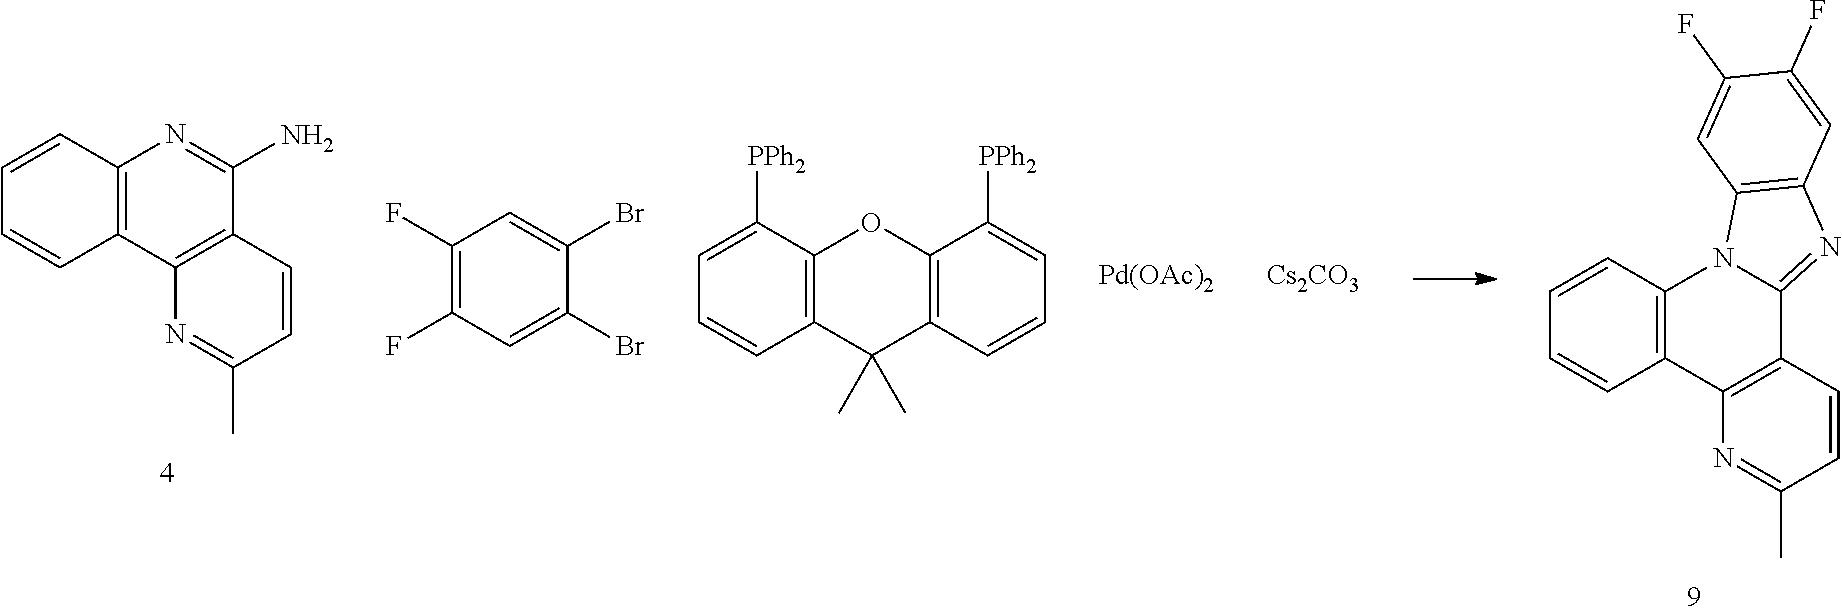 Figure US09905785-20180227-C00385